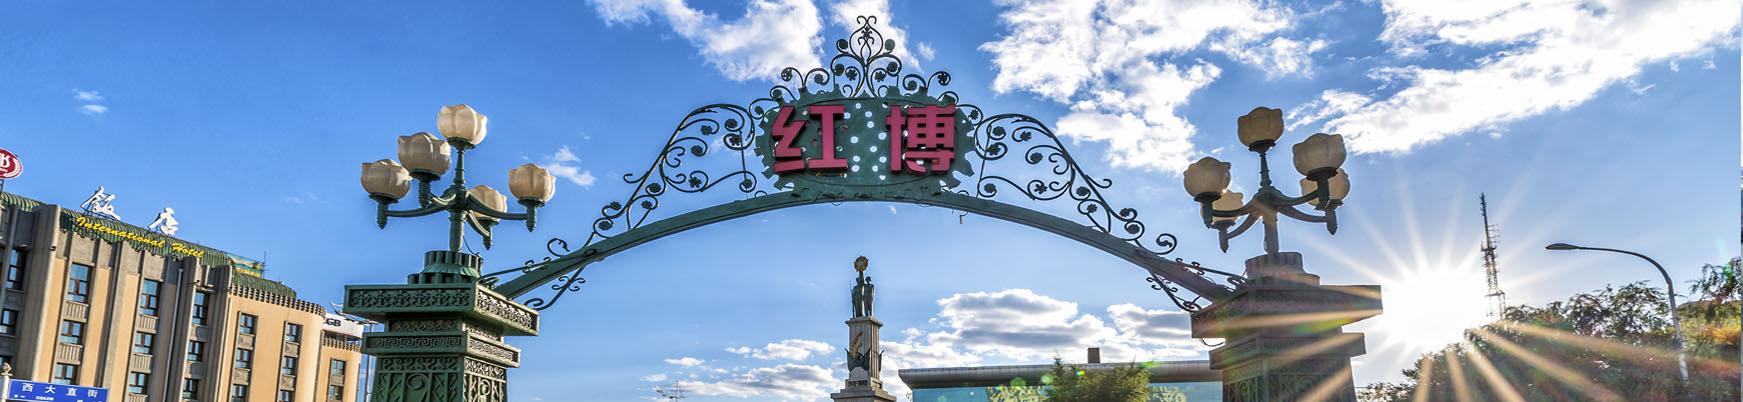 千赢国际pt老虎机首页广场